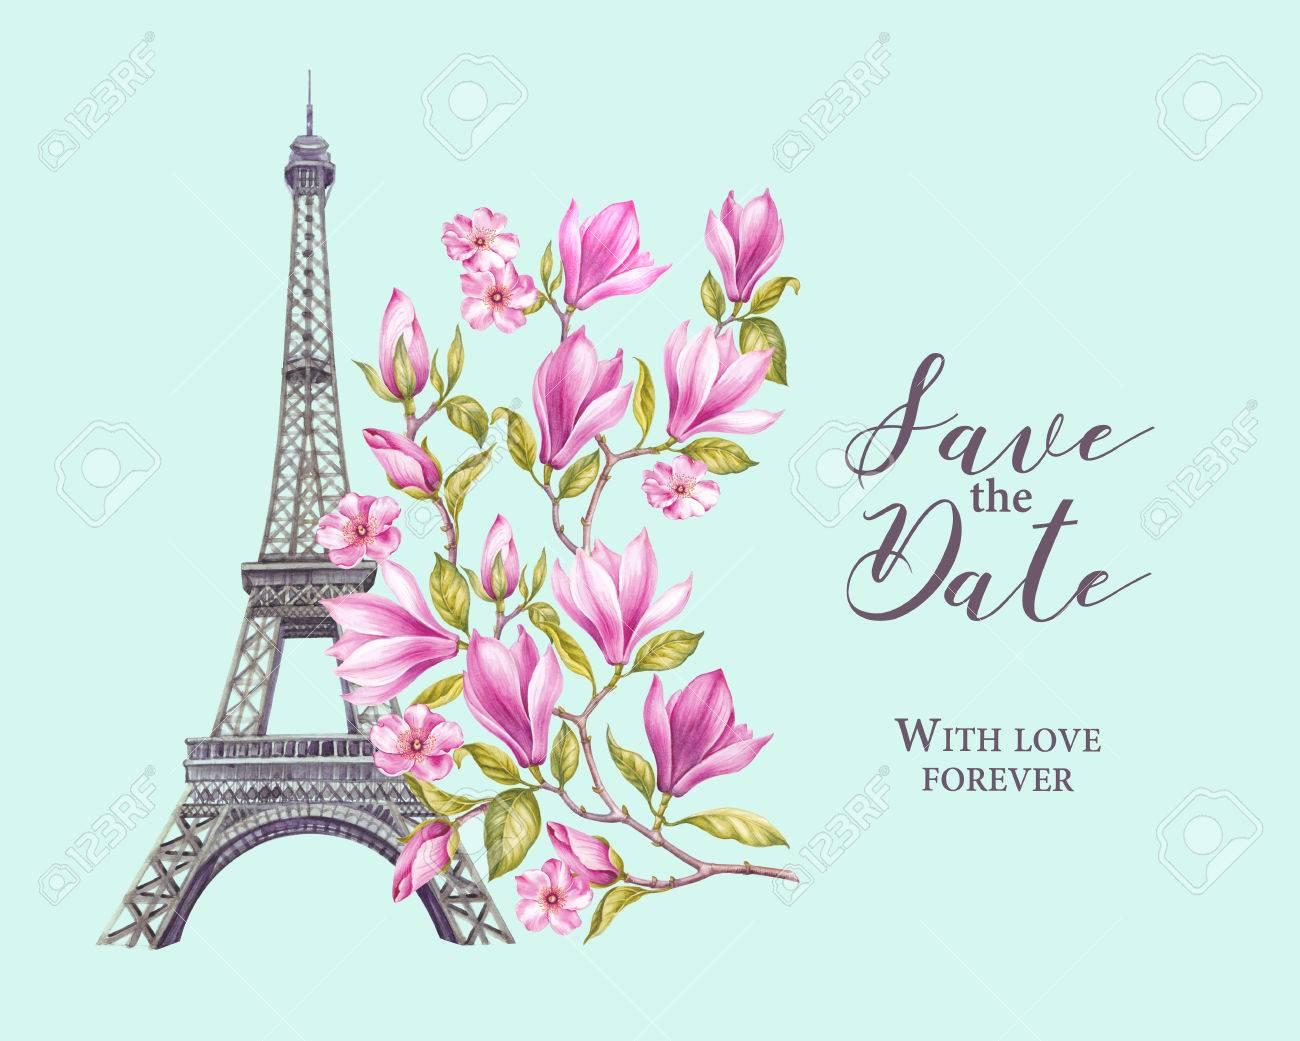 Torre Eiffel Con Flores De Primavera Están Aislados Sobre Fondo Tarjeta De Memoria Y Signo Guarda La Fecha Magnolia Floreciente Invitación De